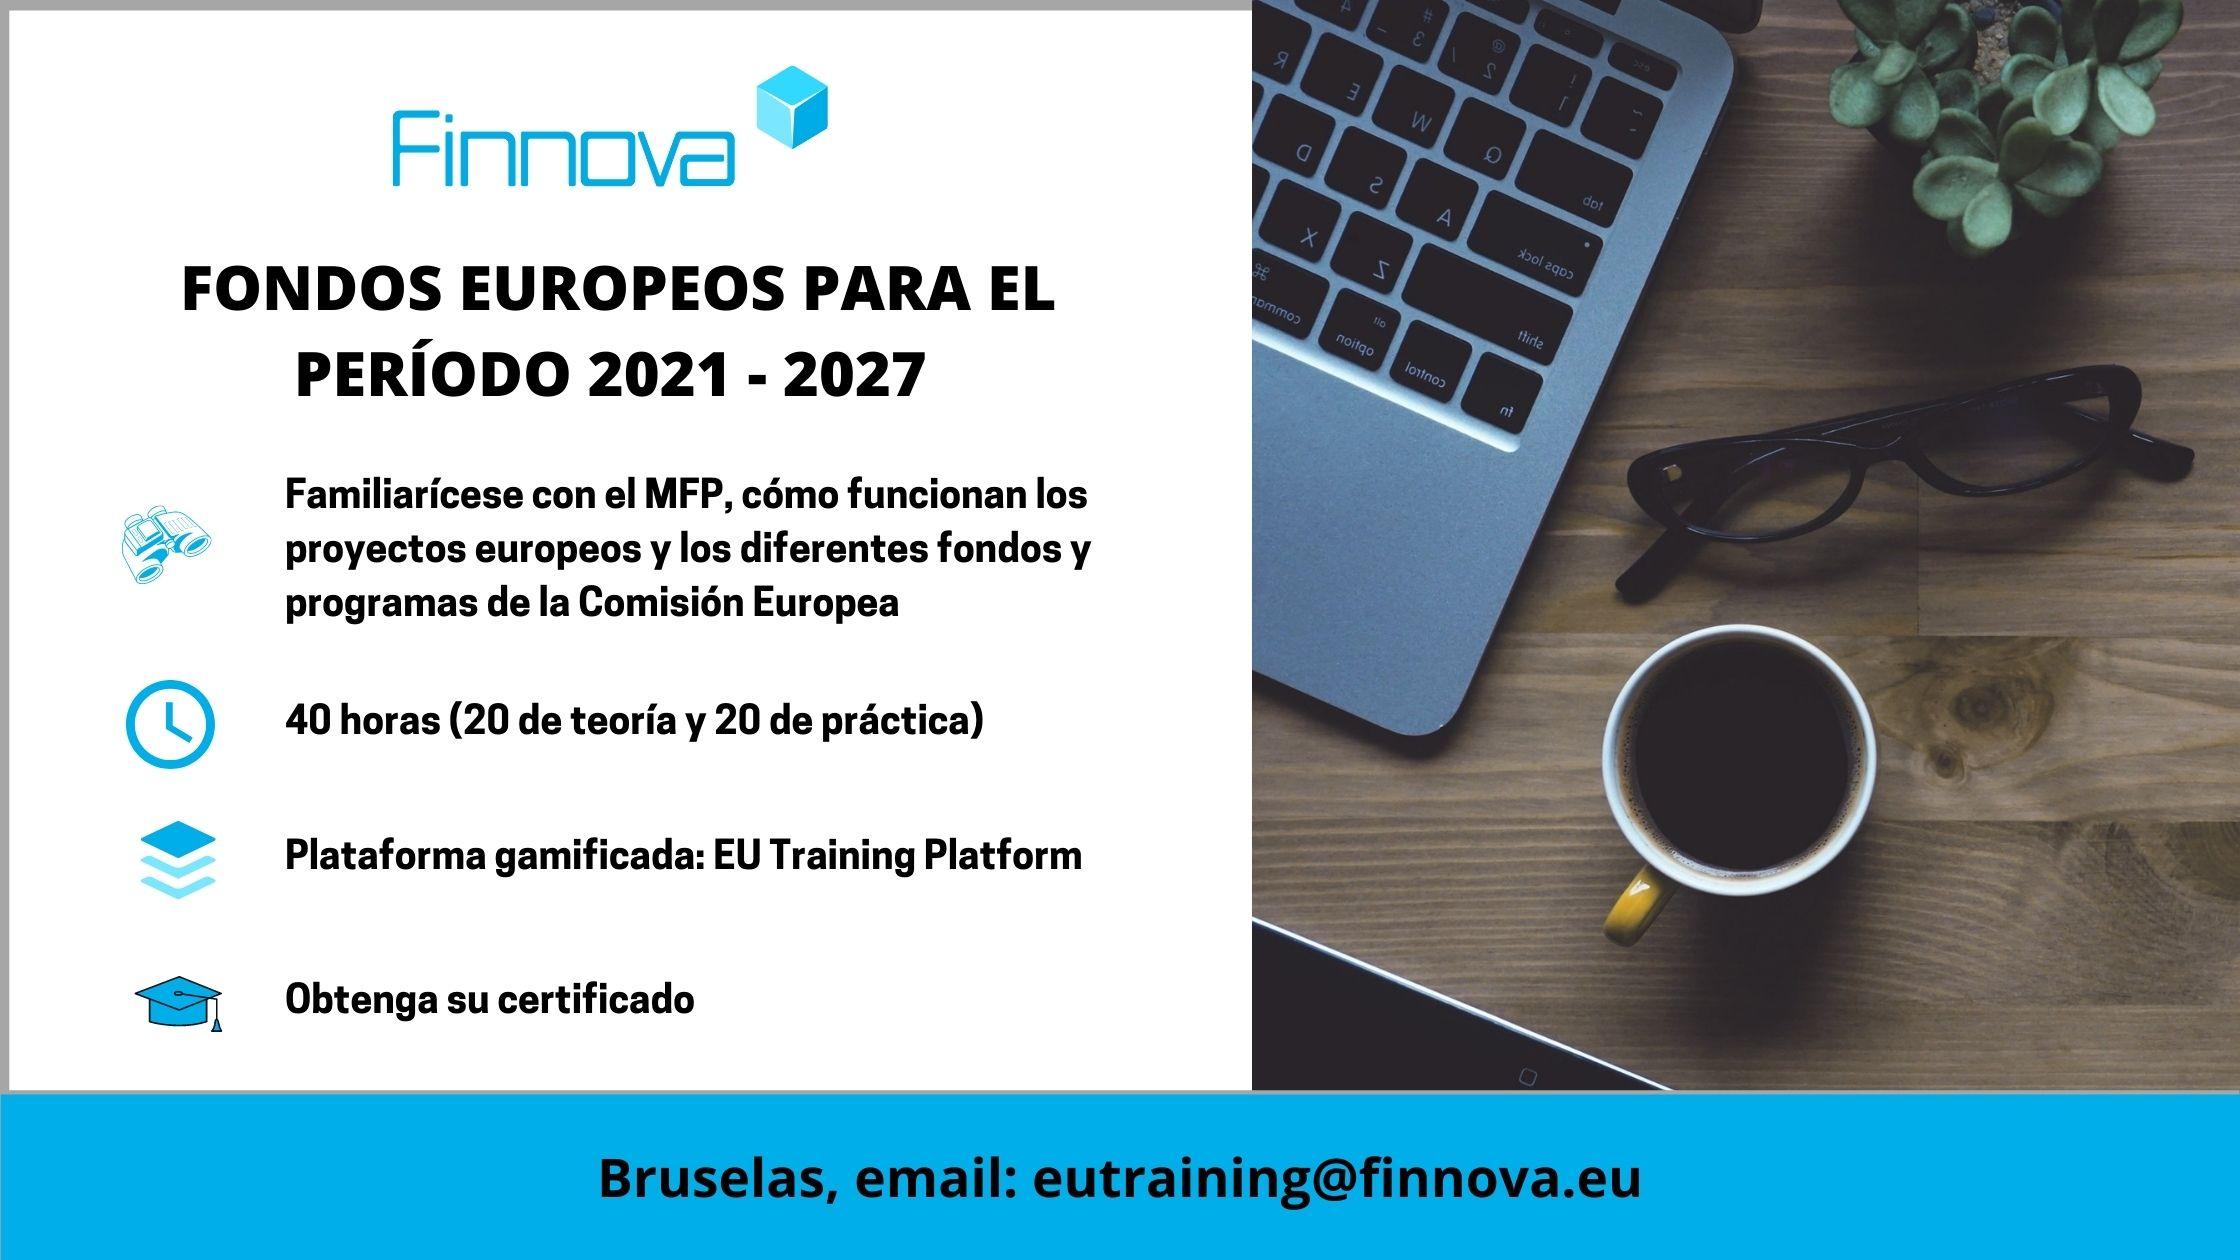 FONDOS EUROPEOS PARA EL PERÍODO 2021 - 2027_